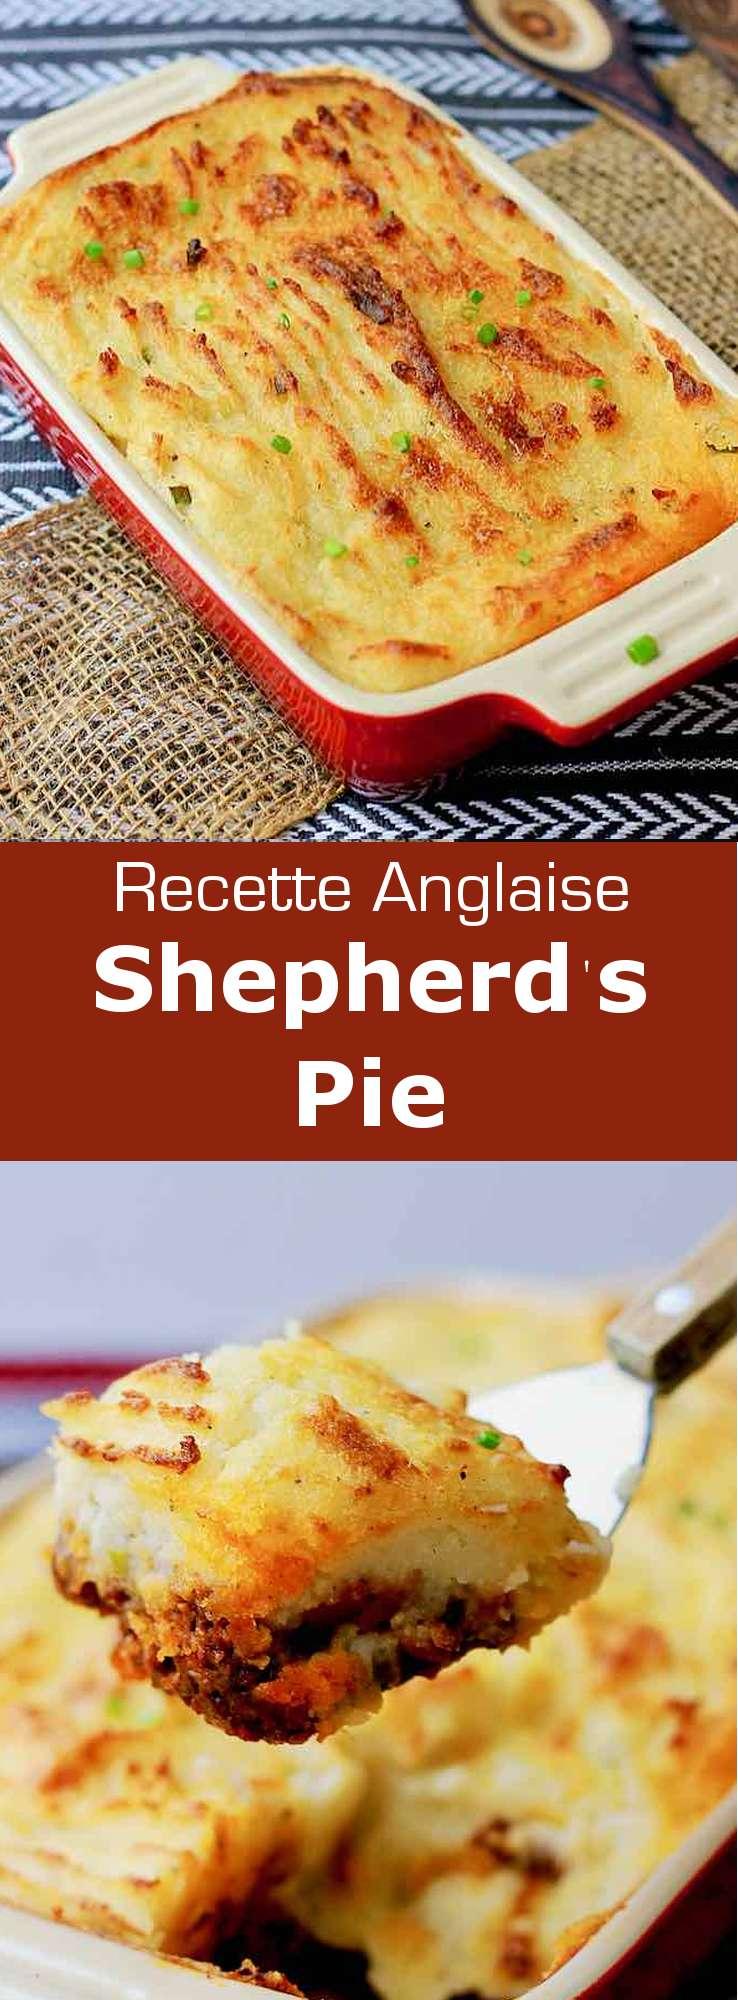 La shepherd's pie est un plat traditionnel anglais, à base de viande d'agneau ou de mouton et de purée de pommes de terre dans l'esprit du hachis parmentier. #RoyaumeUni #Angleterre #RecetteAnglaise #RecetteBritannique #CuisineAnglaise #CuisineBritannique #CuisineDuMonde #196flavors